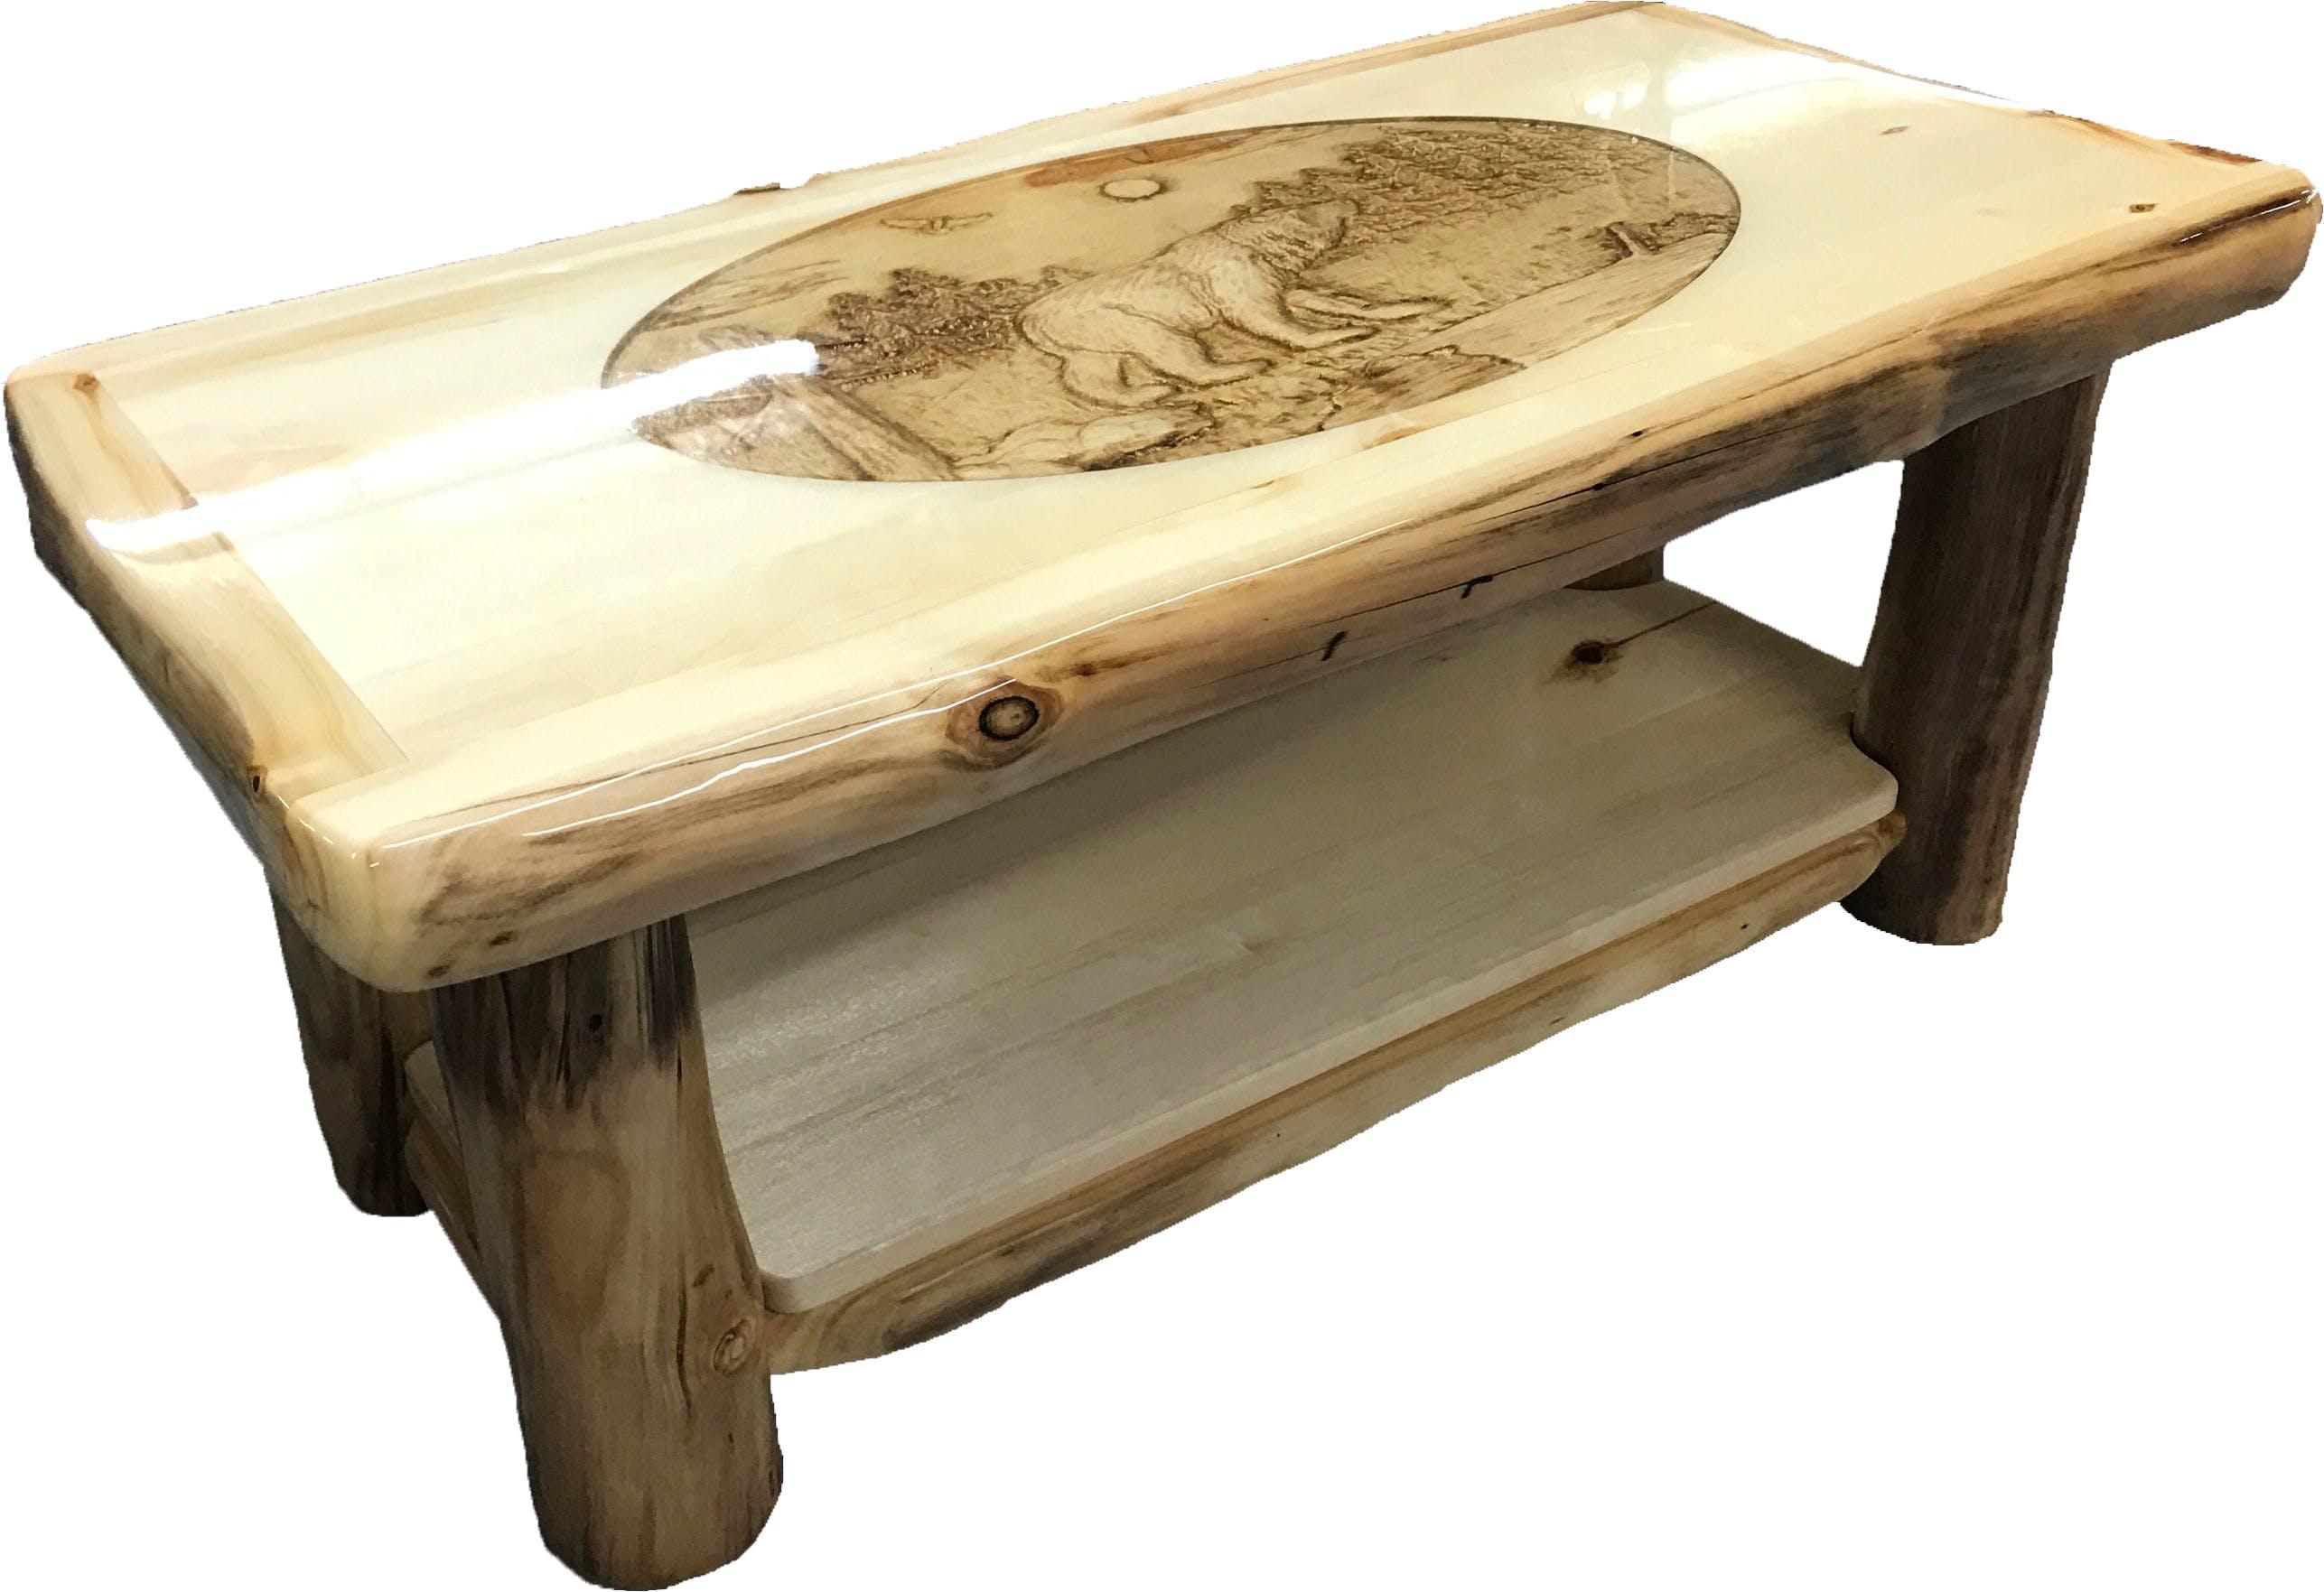 rustic wooden furniture coffee table ctab-42-nn-sh-ri-bear RGFZCUY